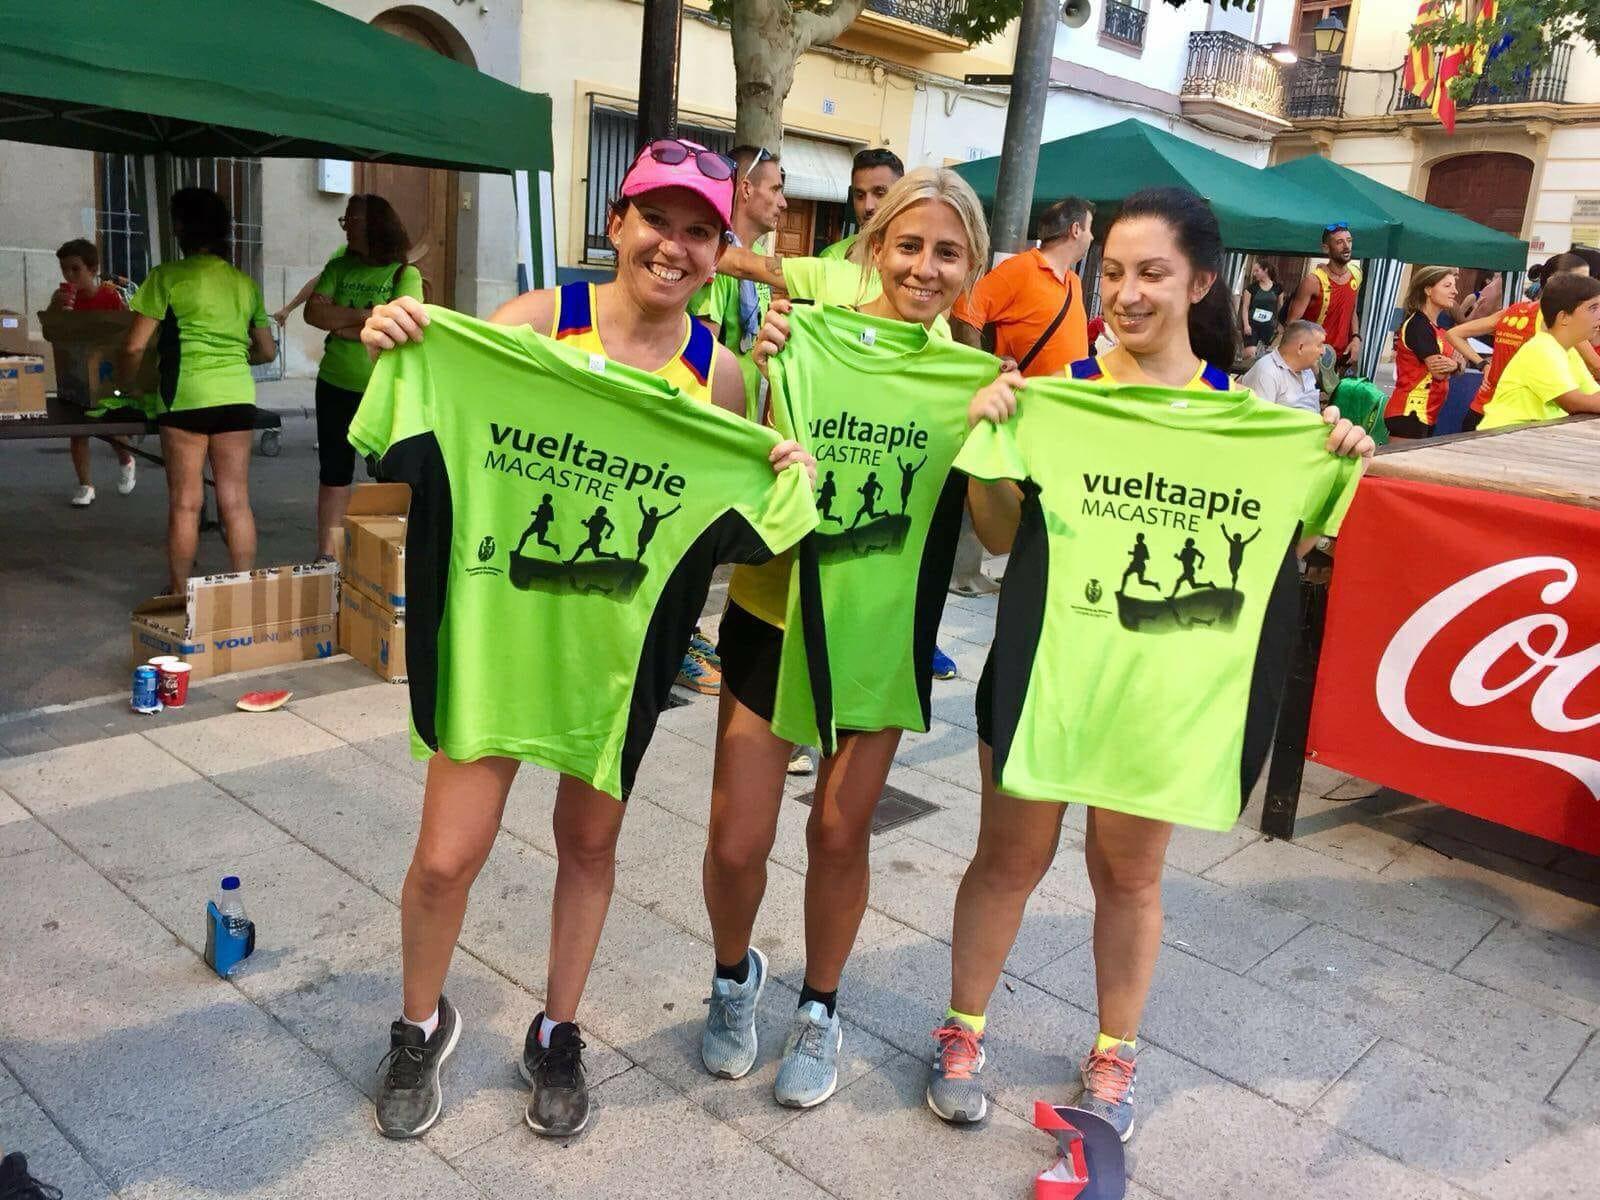 Participantes en la carrera 10k de Macastre.